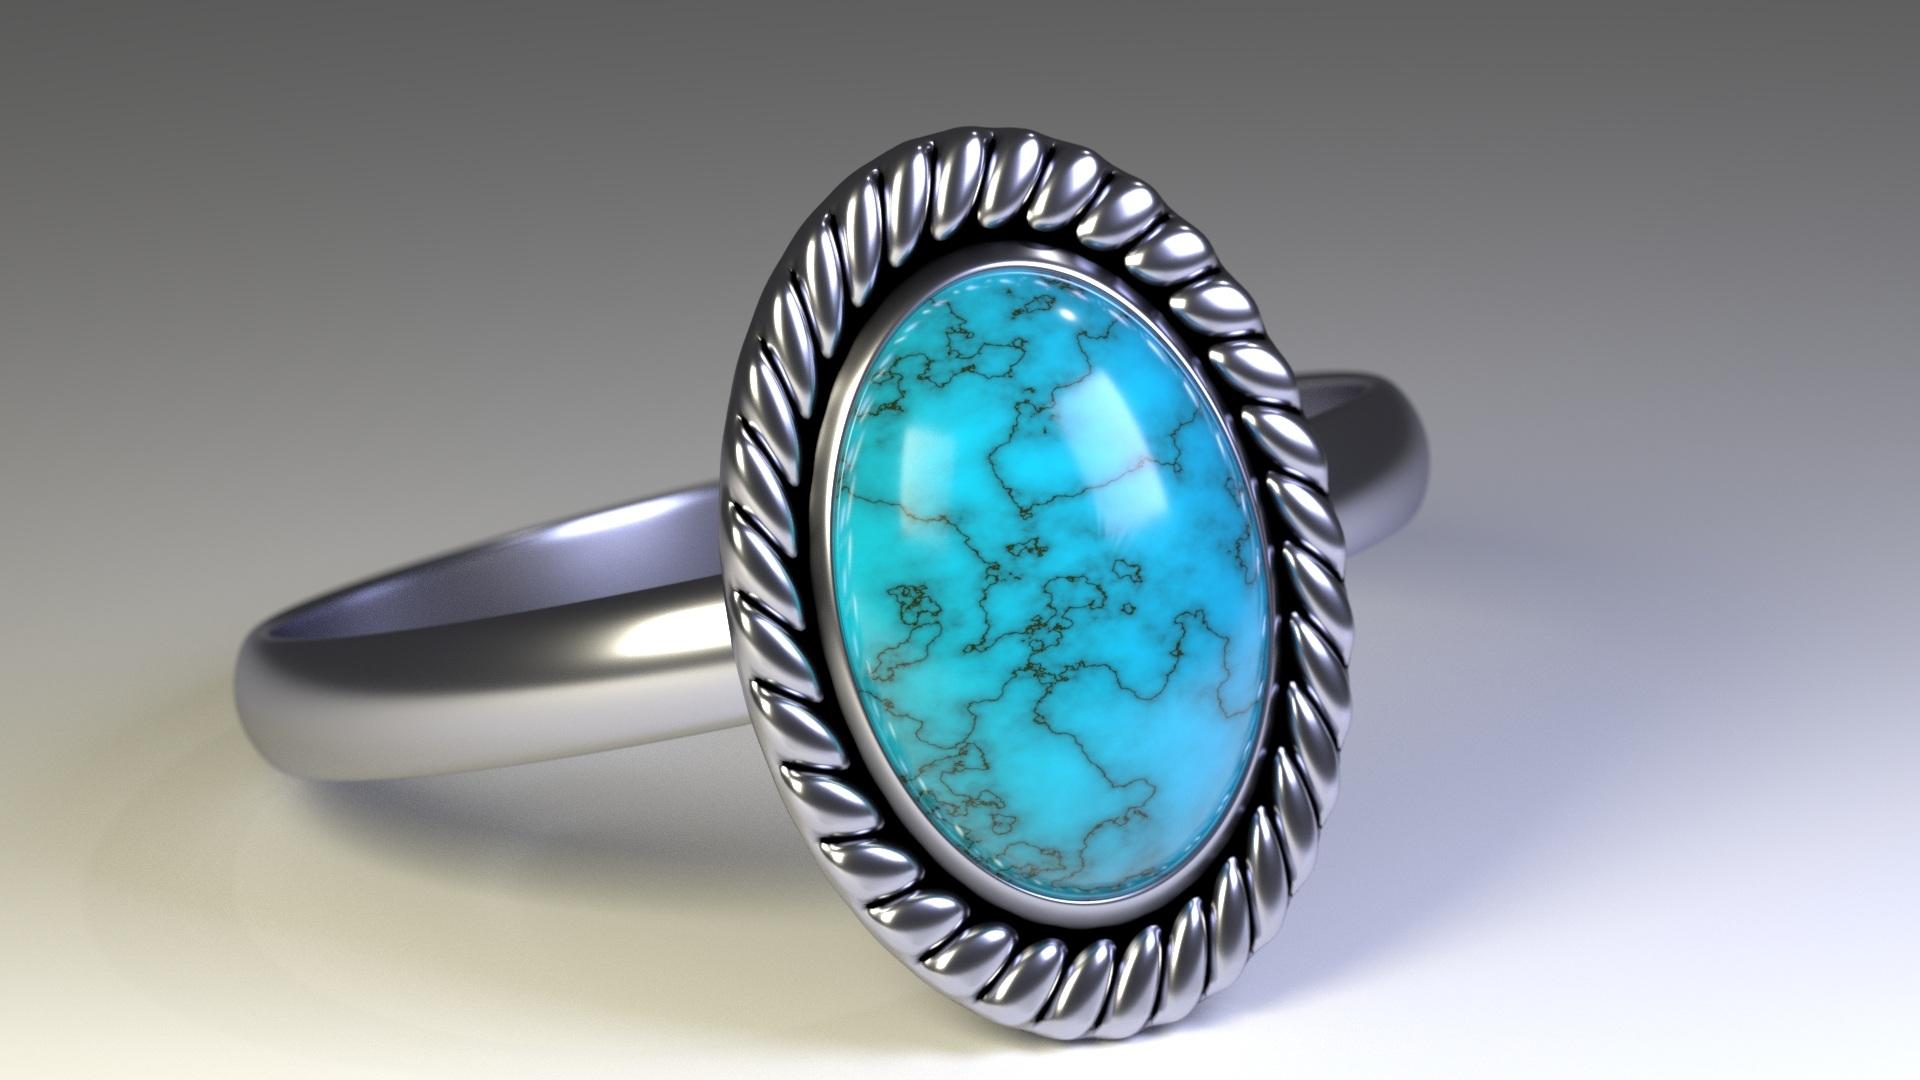 Na ilustracji widnieje niebieski, pierścionek wykonany w CGI.